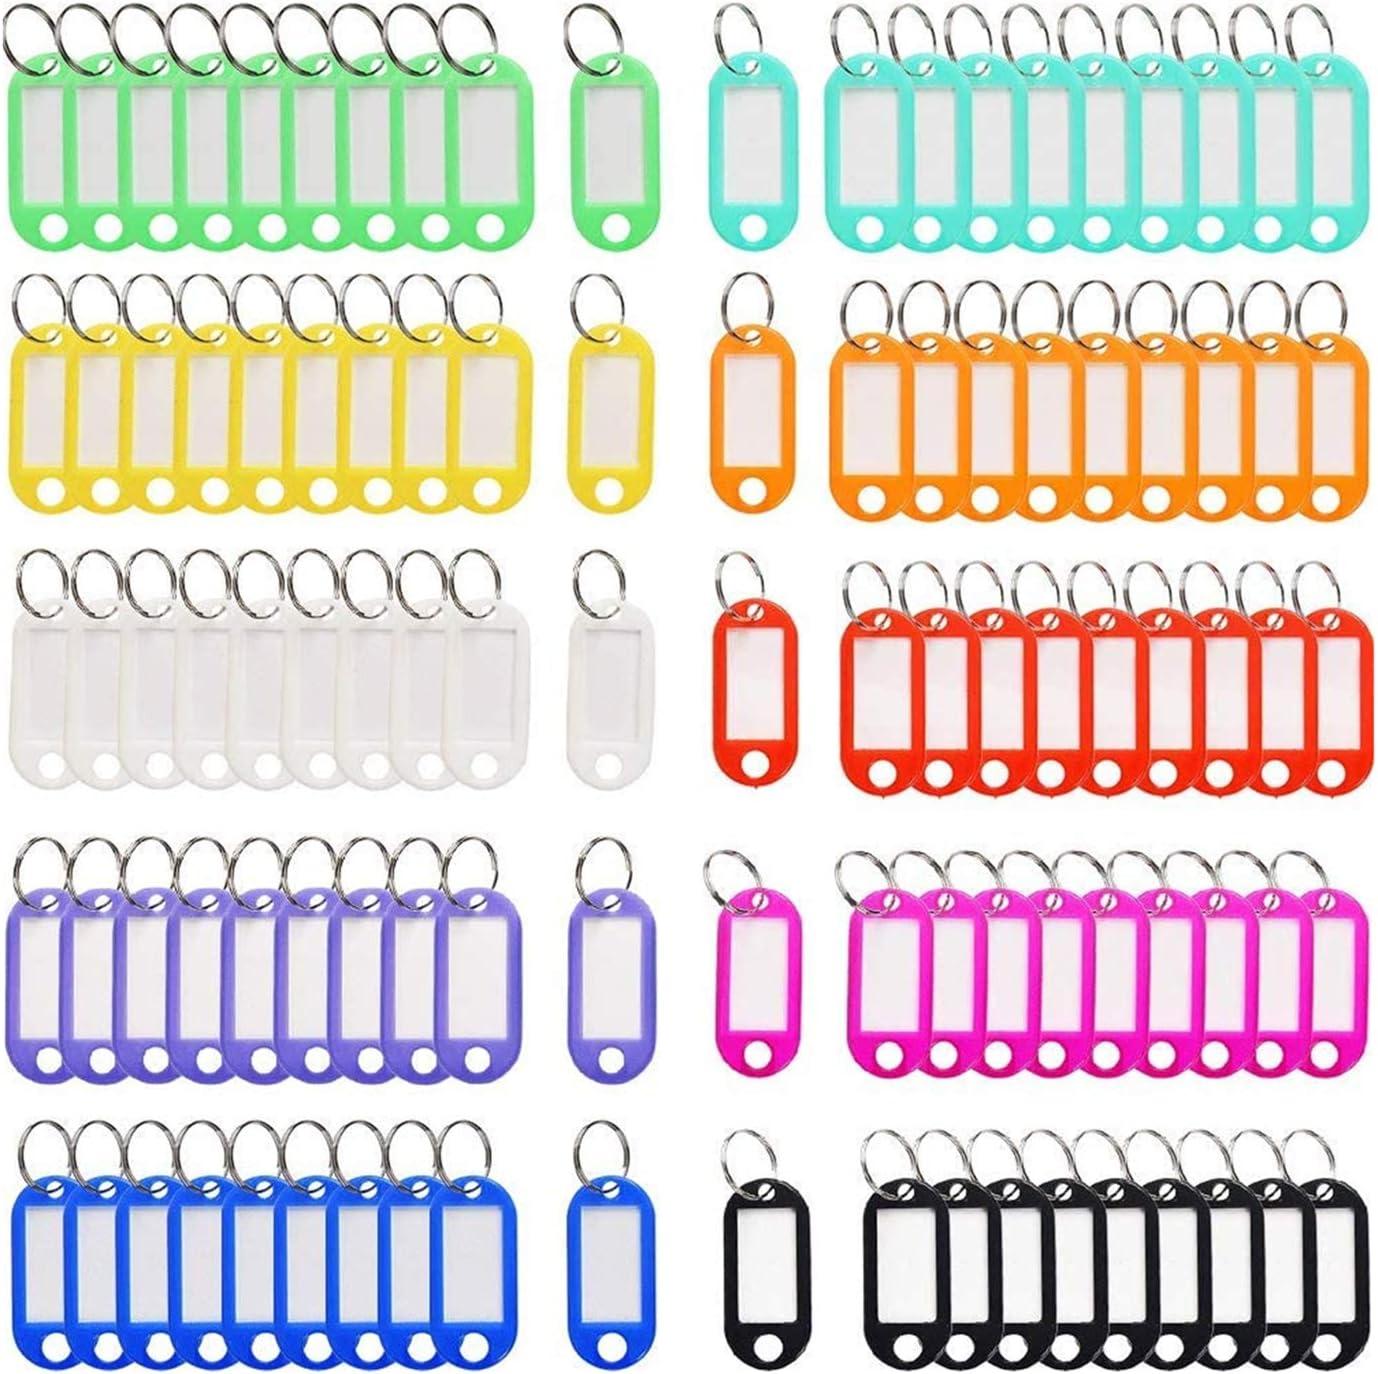 Llaveros con Etiqueta, NIAGUOJI 100 Unidades Llavero con Anillo de Plástico ID Llaveros para Hotel Escuela de Oficina EquipajeHogar 10 Colores